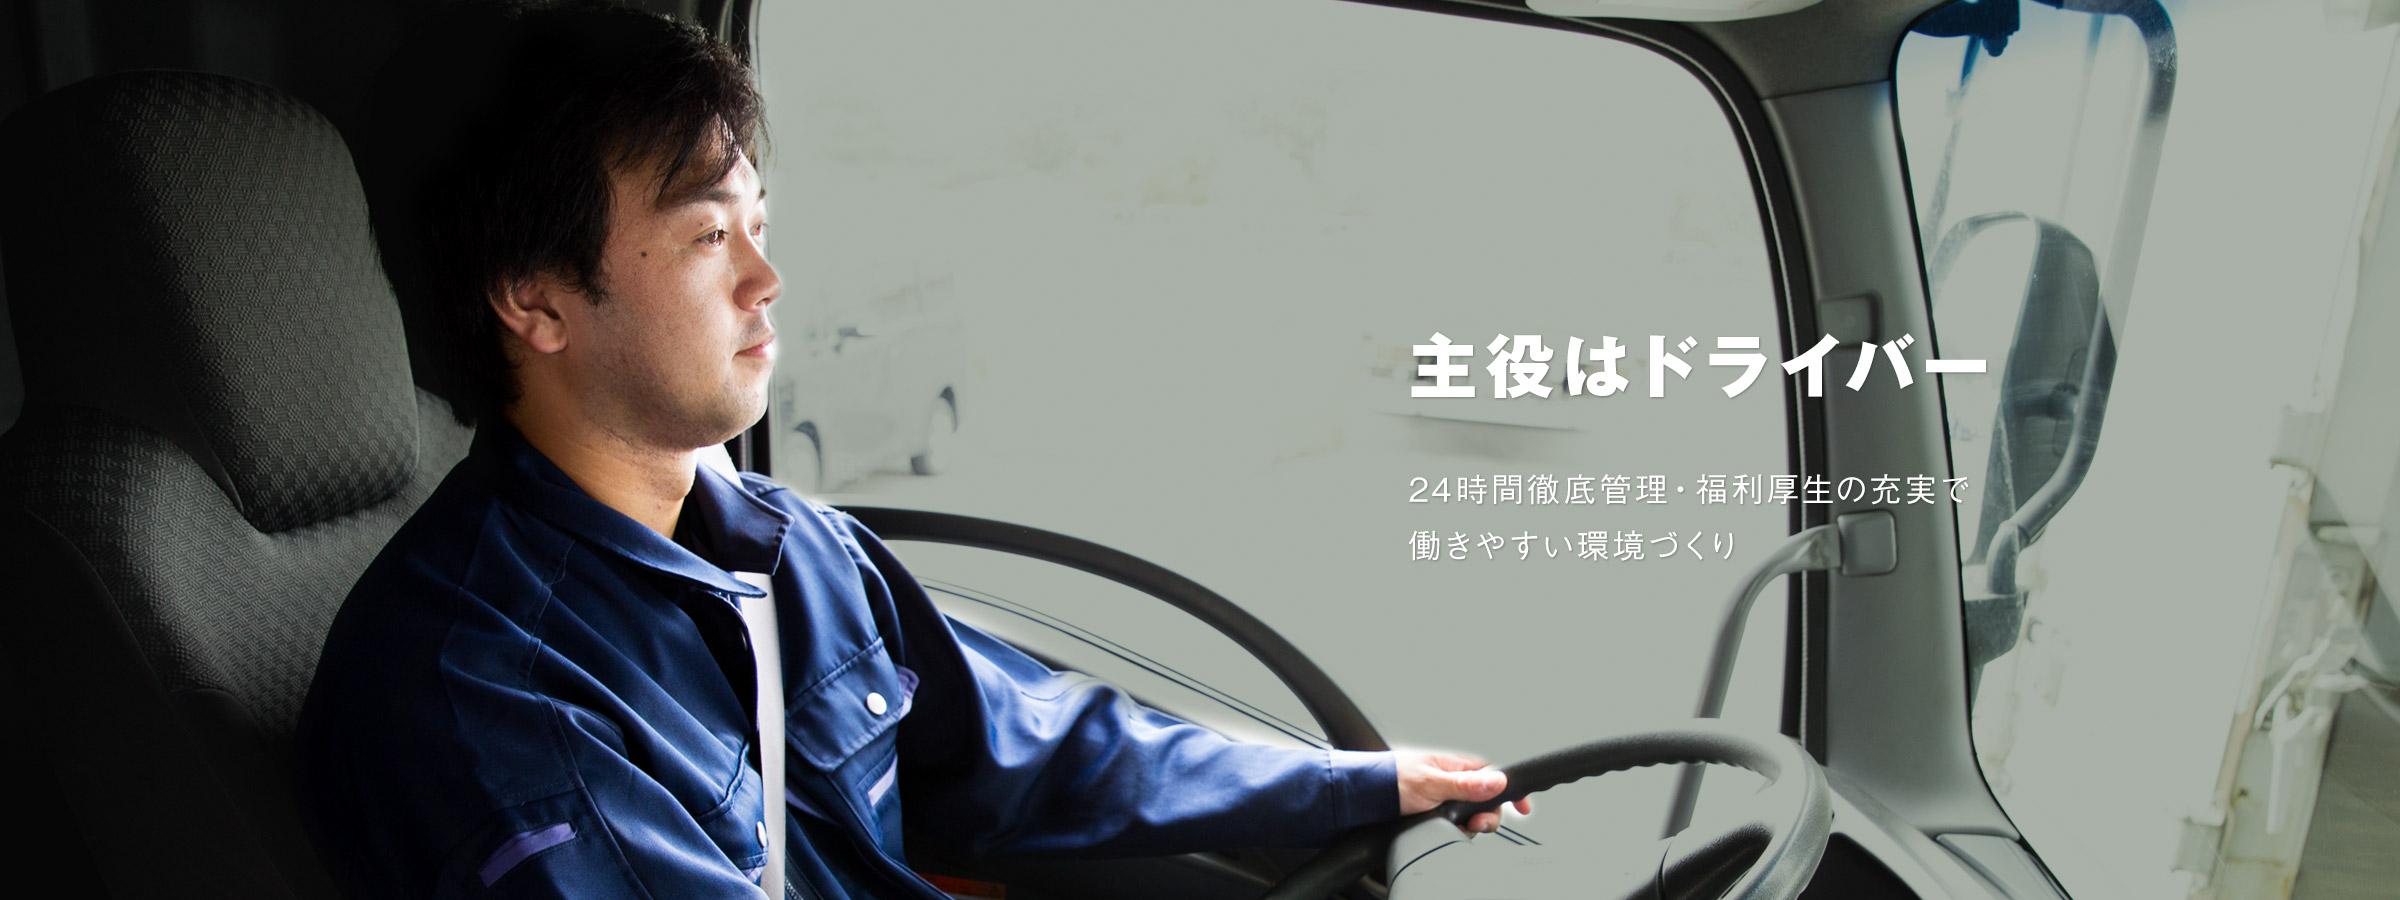 青森県弘前市のサンライズ産業株式会社では、ドライバーや倉庫業などの求人を募集しています。